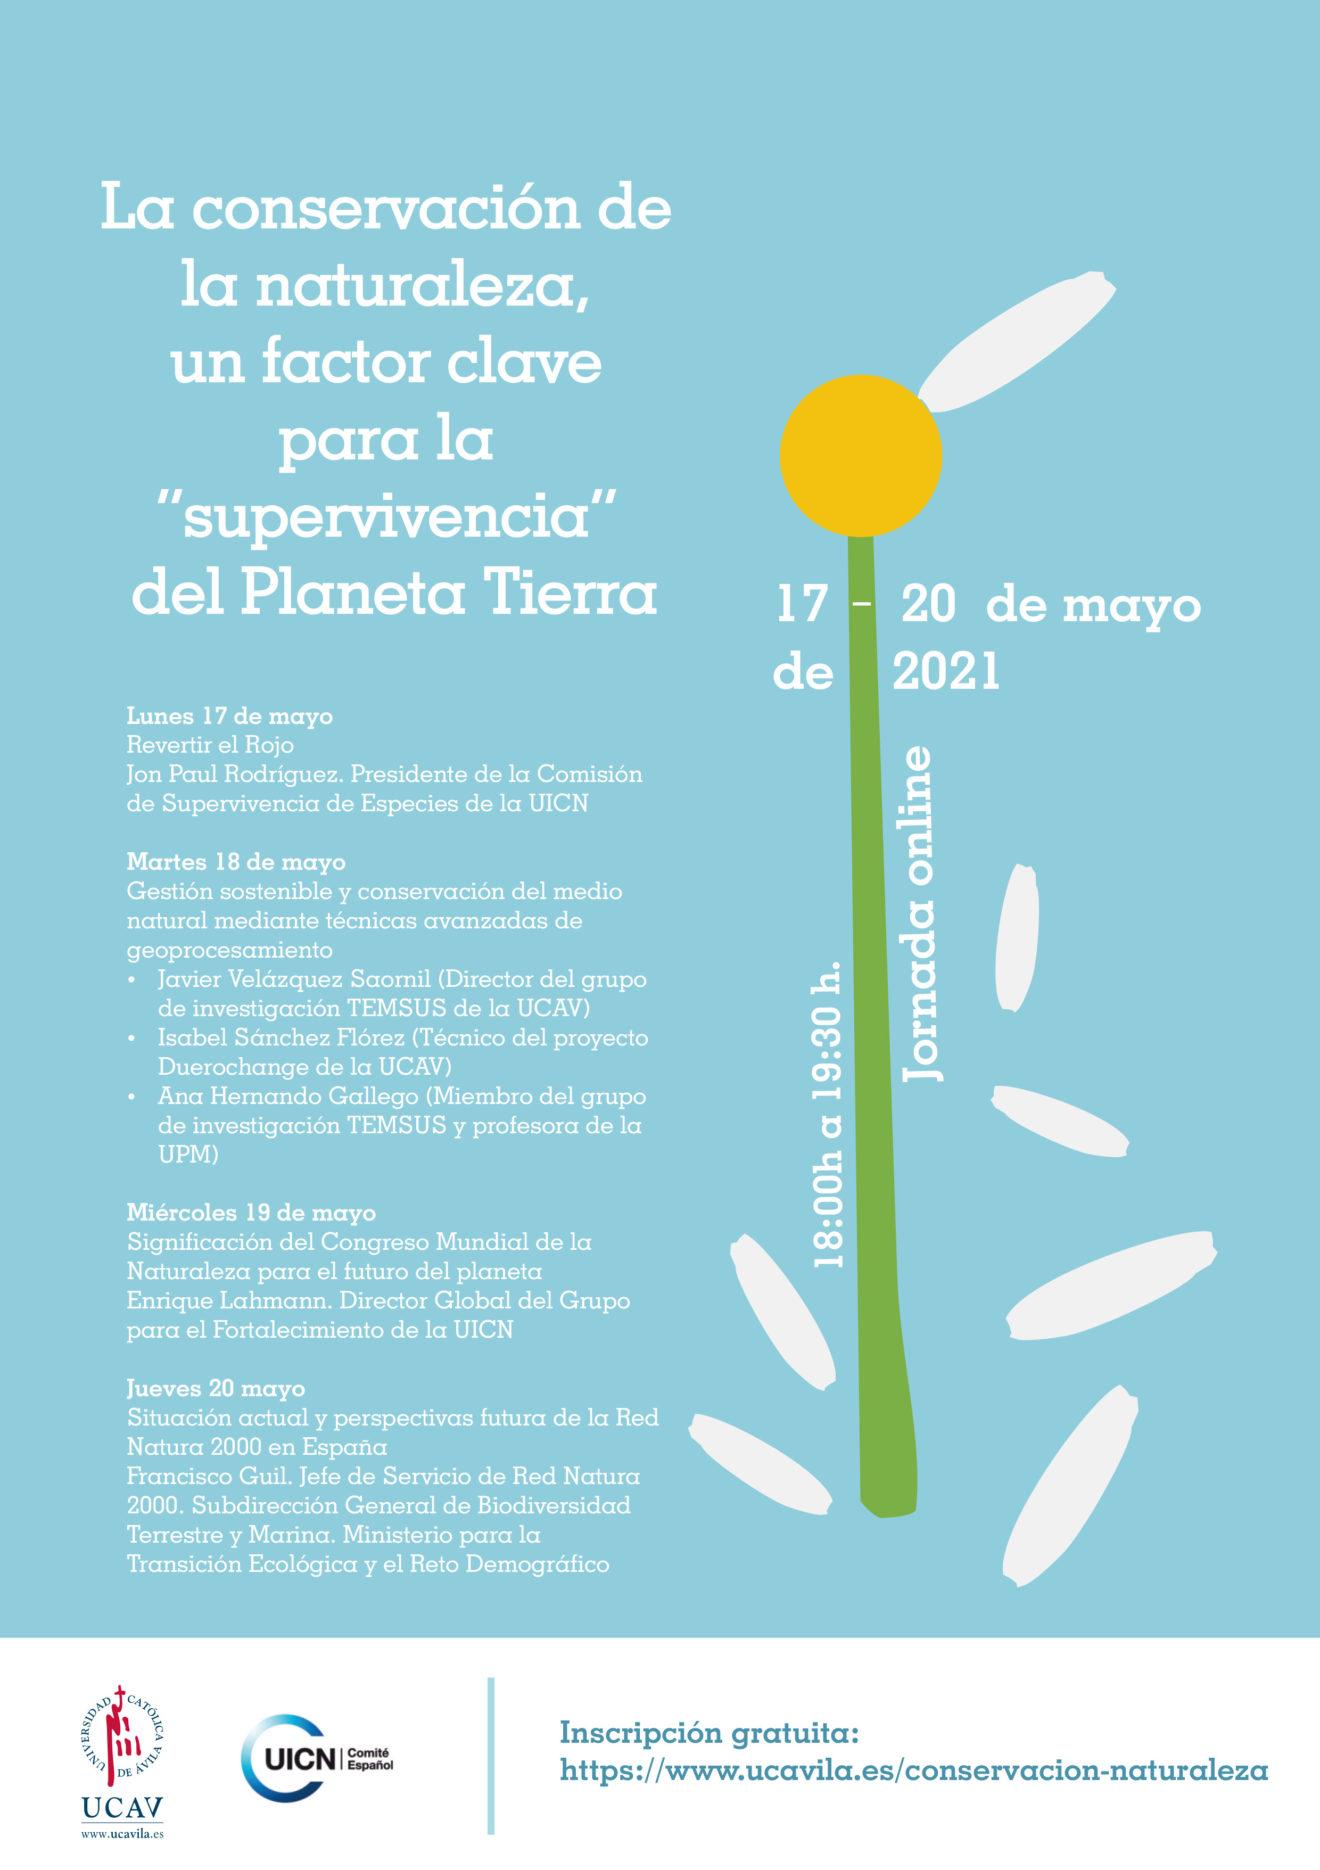 La UCAV y el Comité Español de la UICN celebrarán las V Jornadas de Conservación de la Naturaleza